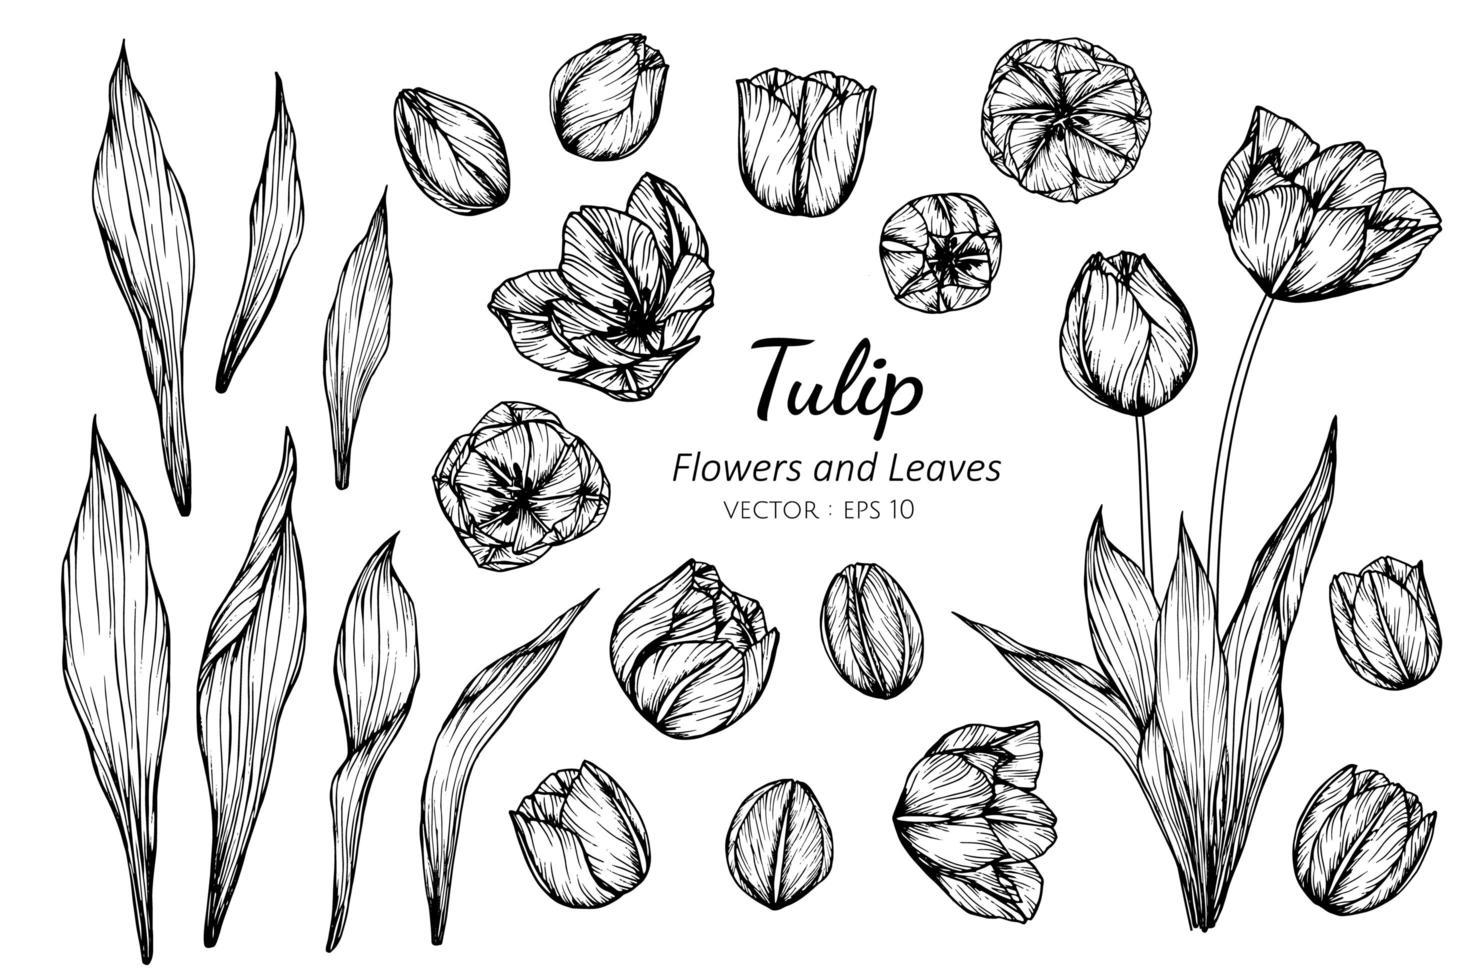 Collection De Fleurs Et Feuilles De Tulipe Telecharger Vectoriel Gratuit Clipart Graphique Vecteur Dessins Et Pictogramme Gratuit